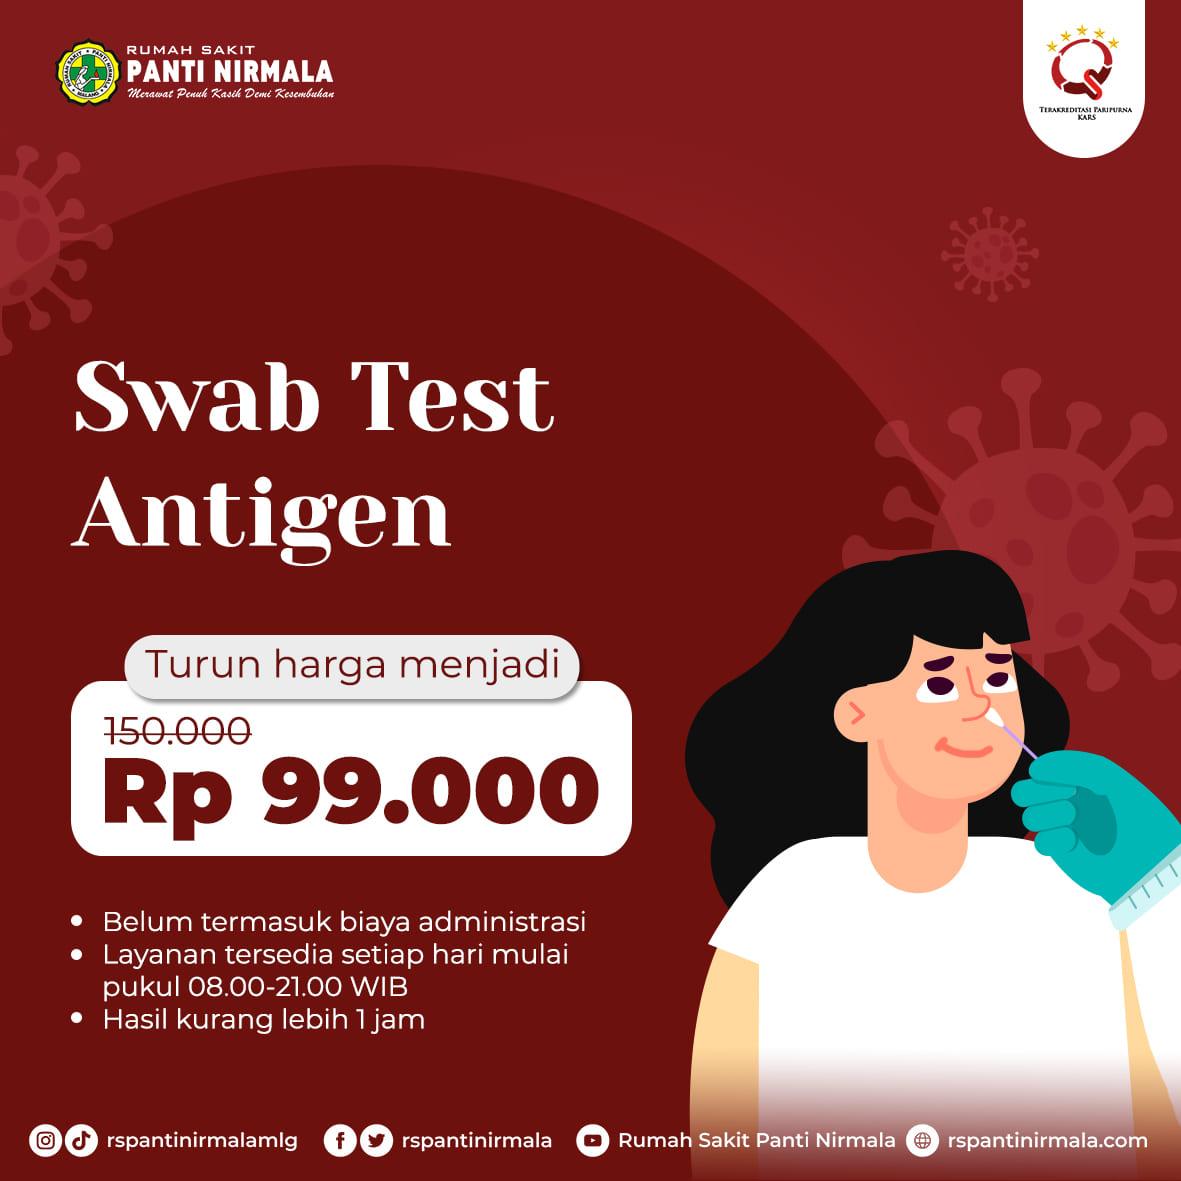 kabar-gembira-swab-test-antigen-40